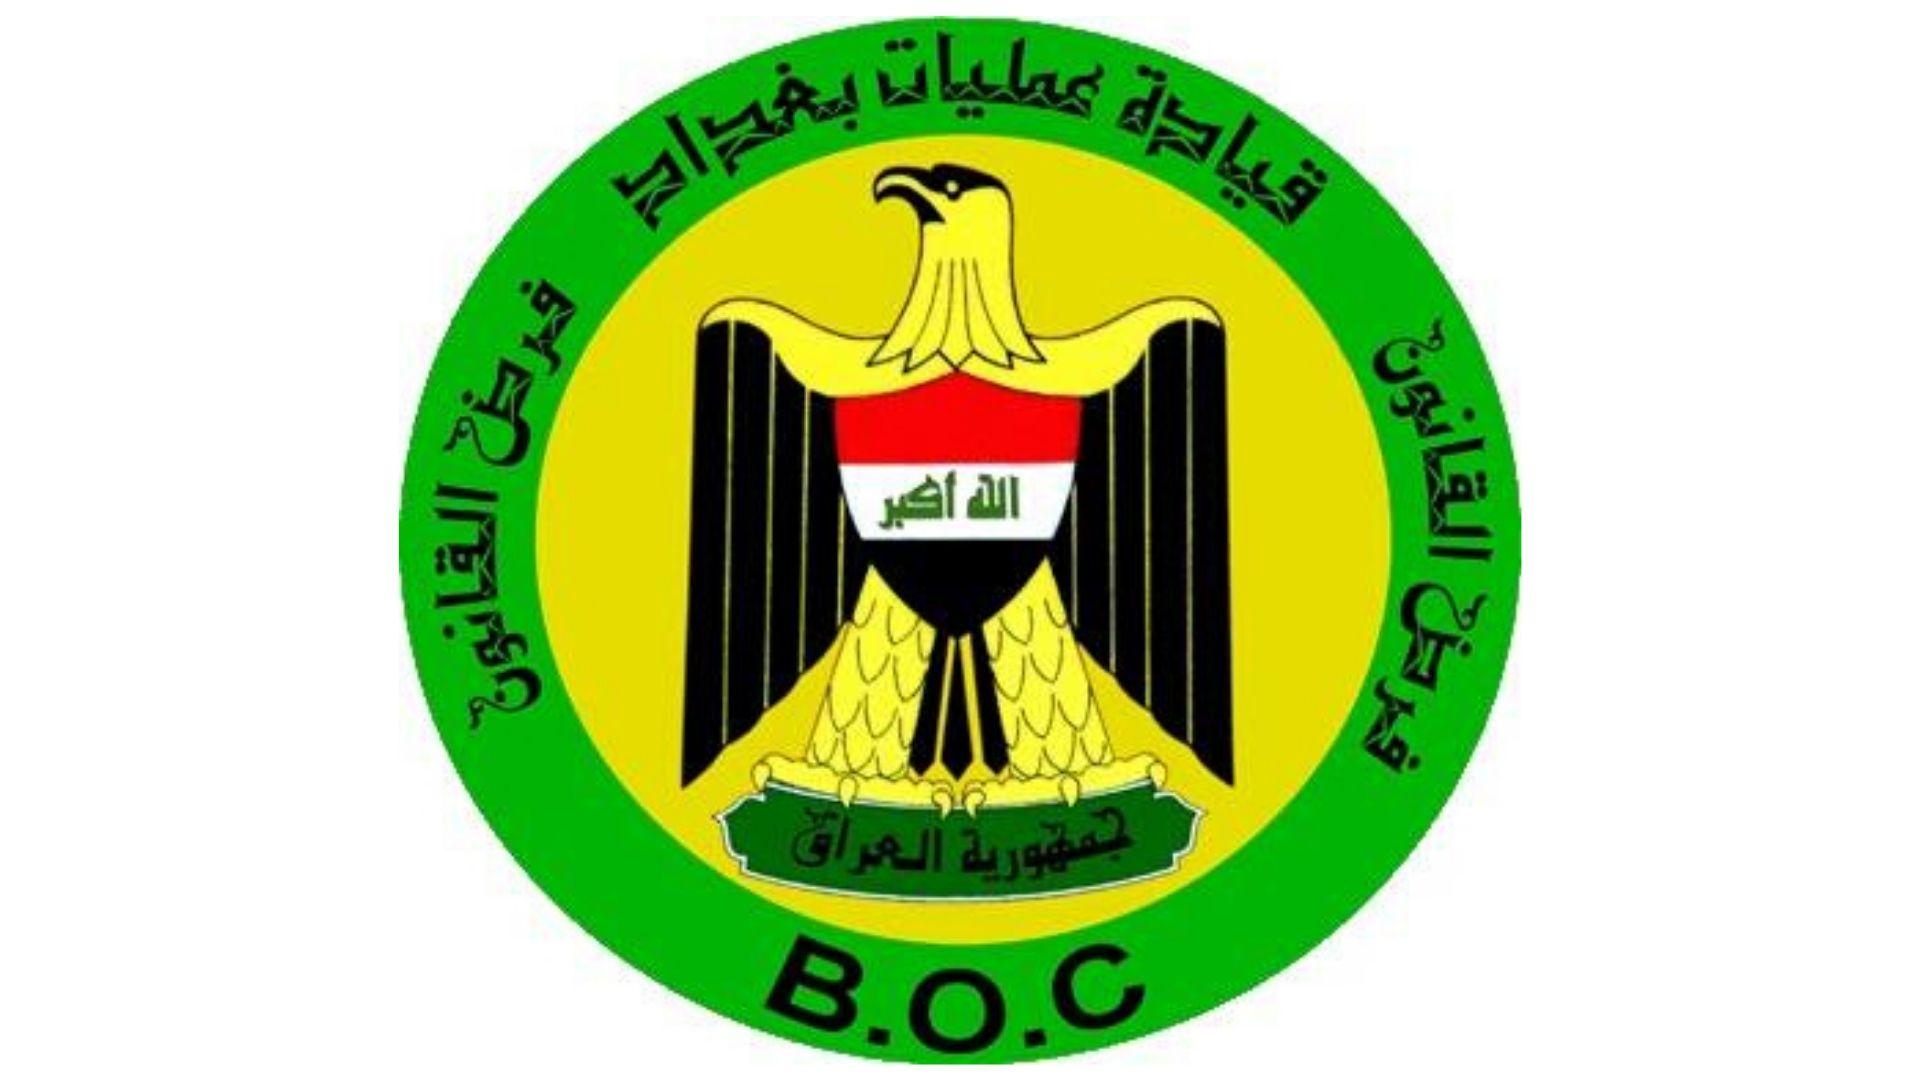 عمليات بغداد تؤكد على ضرورة عدم استخدام الاستثناءات لأمور شخصية